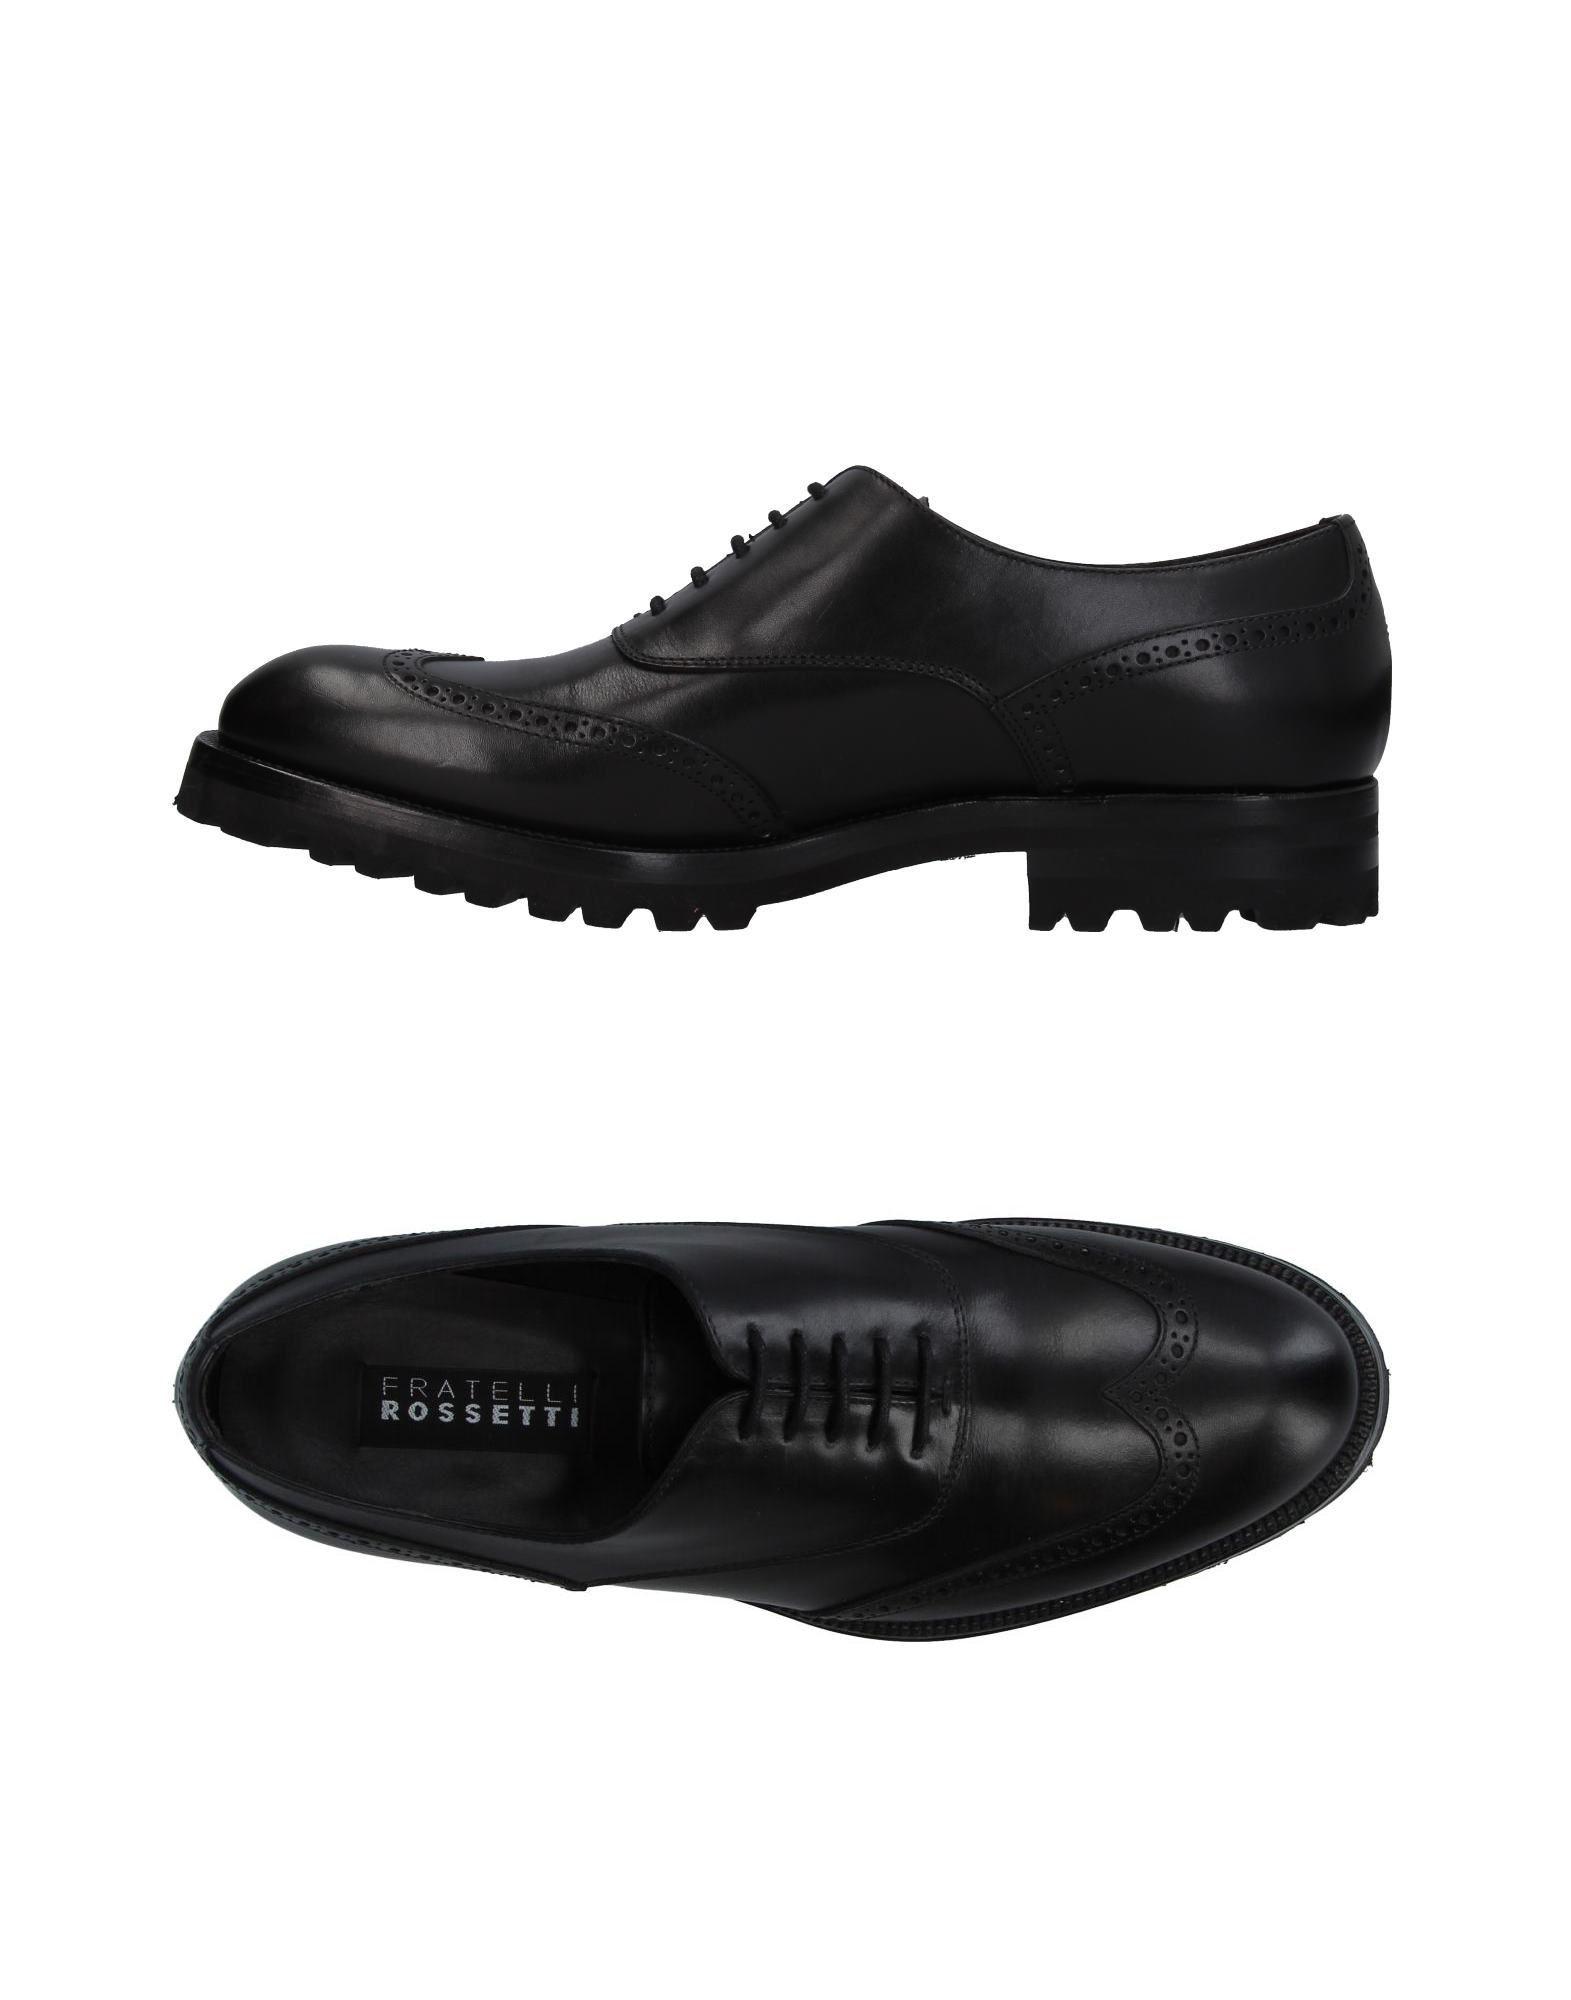 Fratelli Rossetti Schnürschuhe Herren  11351998PV Gute Qualität beliebte Schuhe